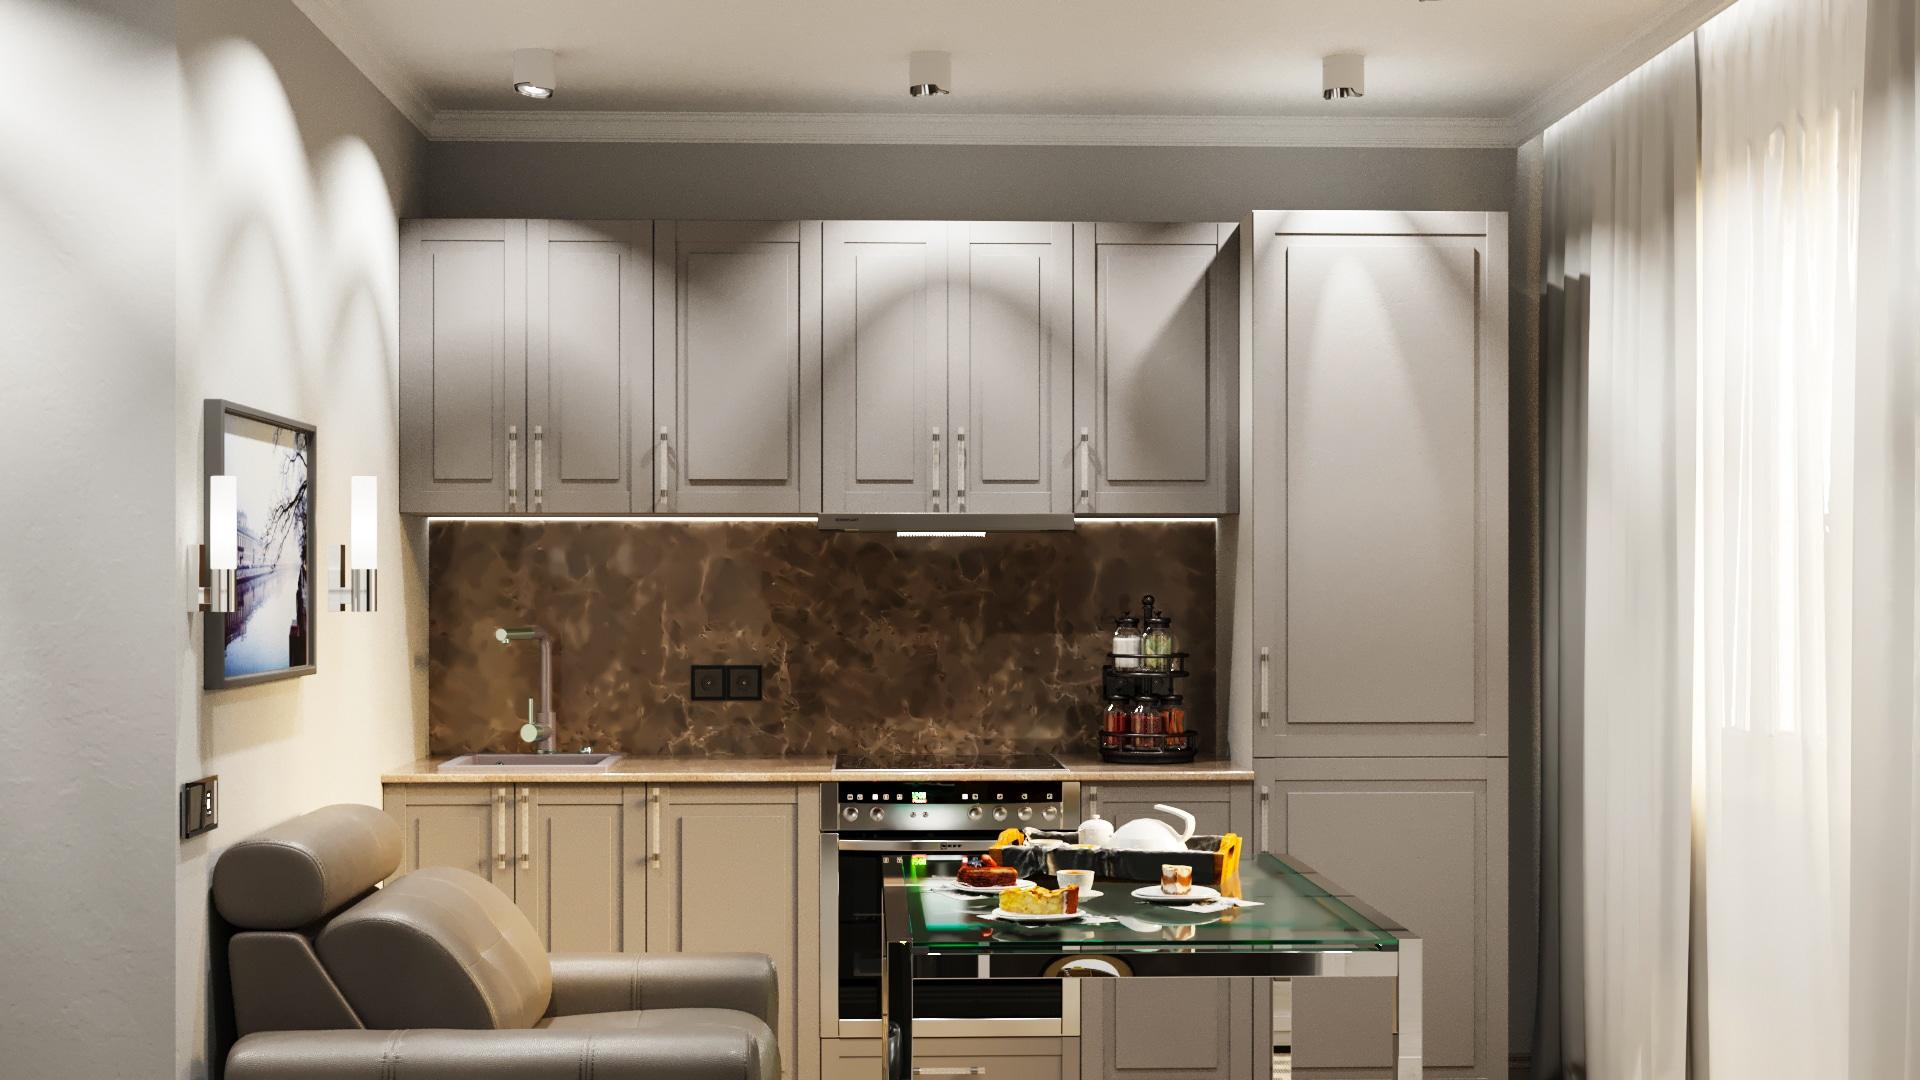 Вид на кухню. Серые фасады в классическом стиле. Спальное место для одного человека. Компактный кухонный стол из стекла и металла.